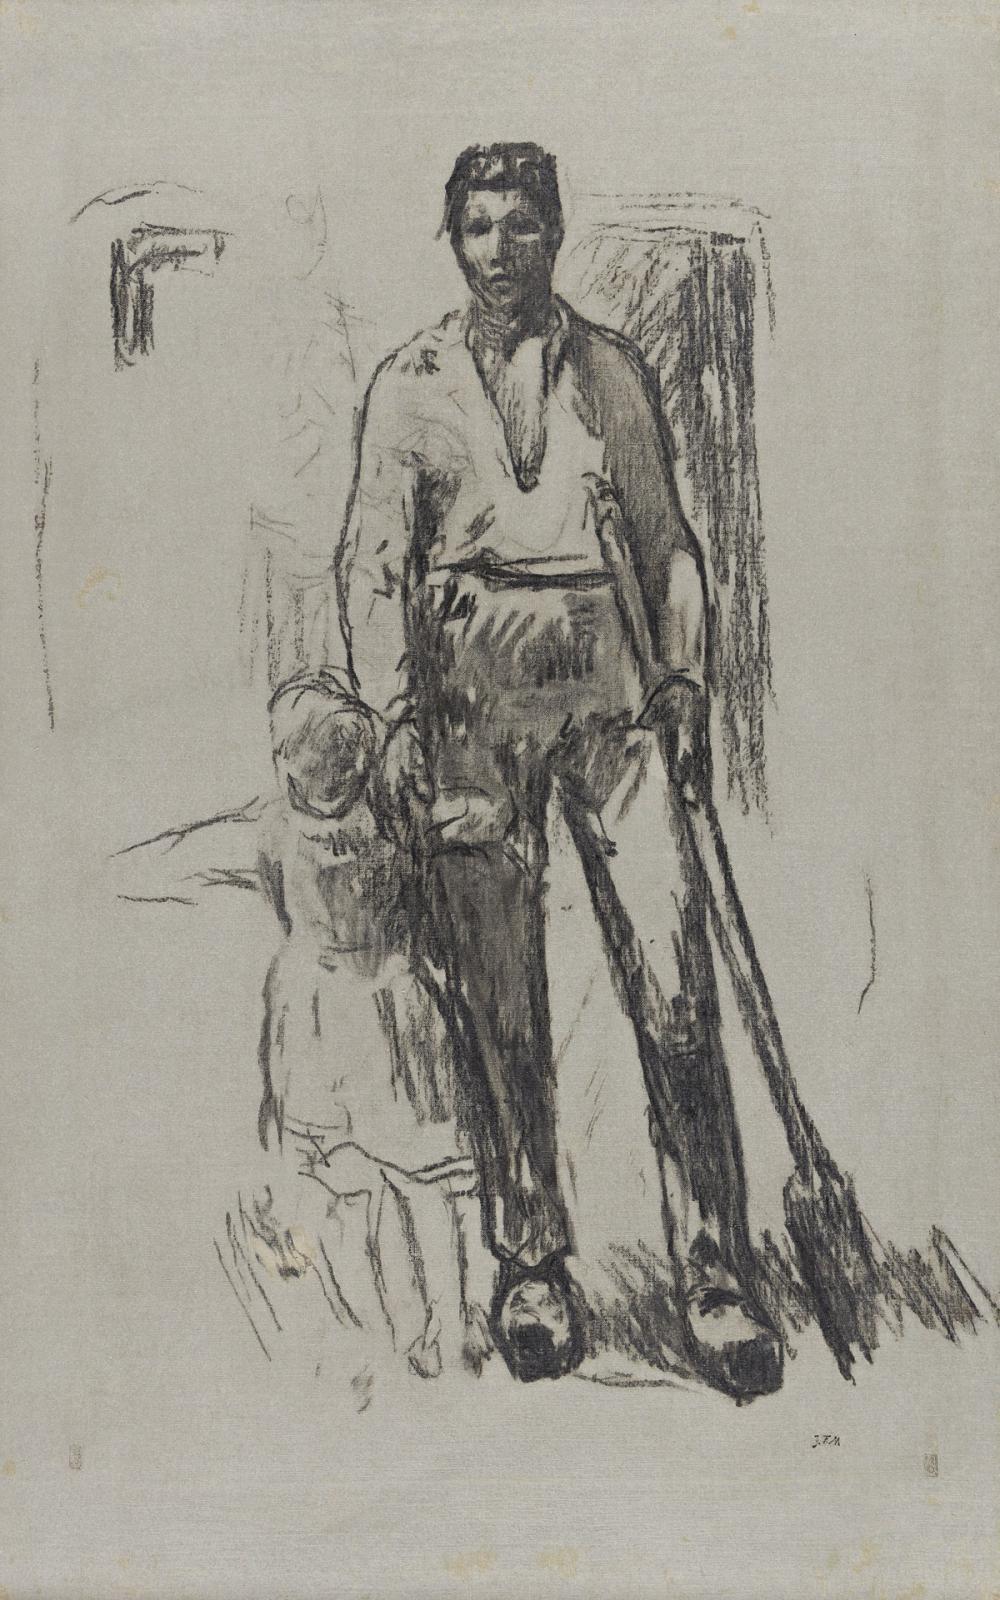 JEAN-FRANÇOIS MILLET (Gréville-Hague, La Hague 1814-1875 Barbizon) Paysan debout et Enfant.